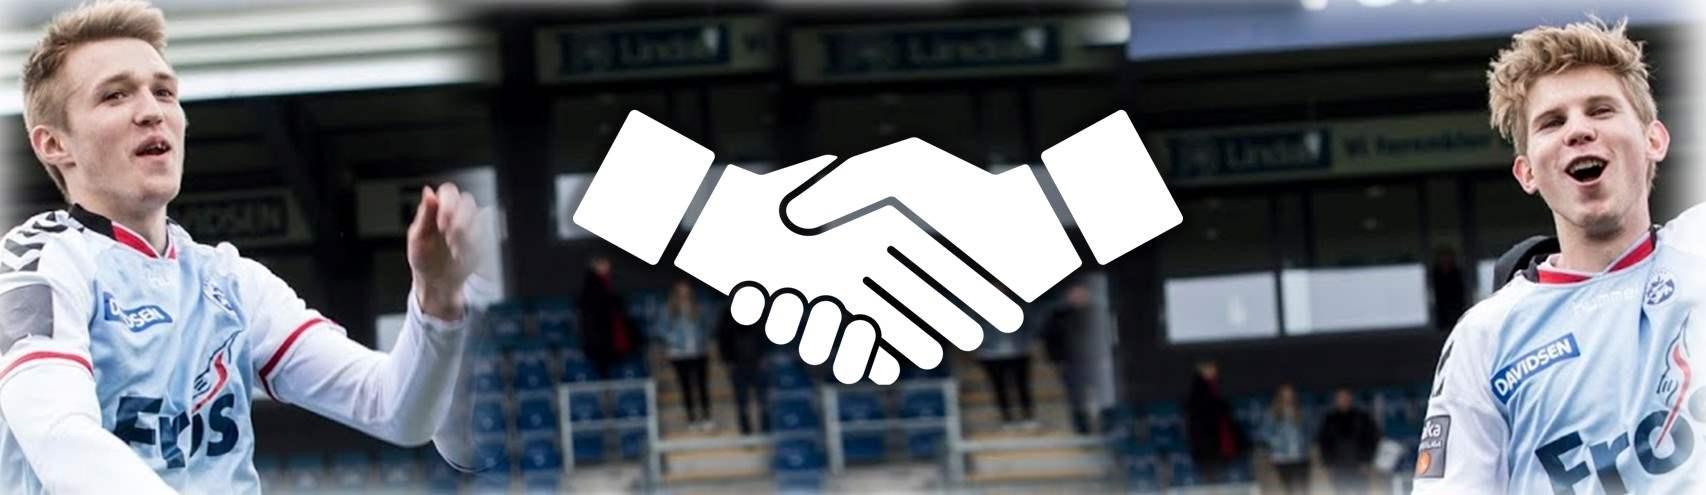 bliv sponsor-header (2)